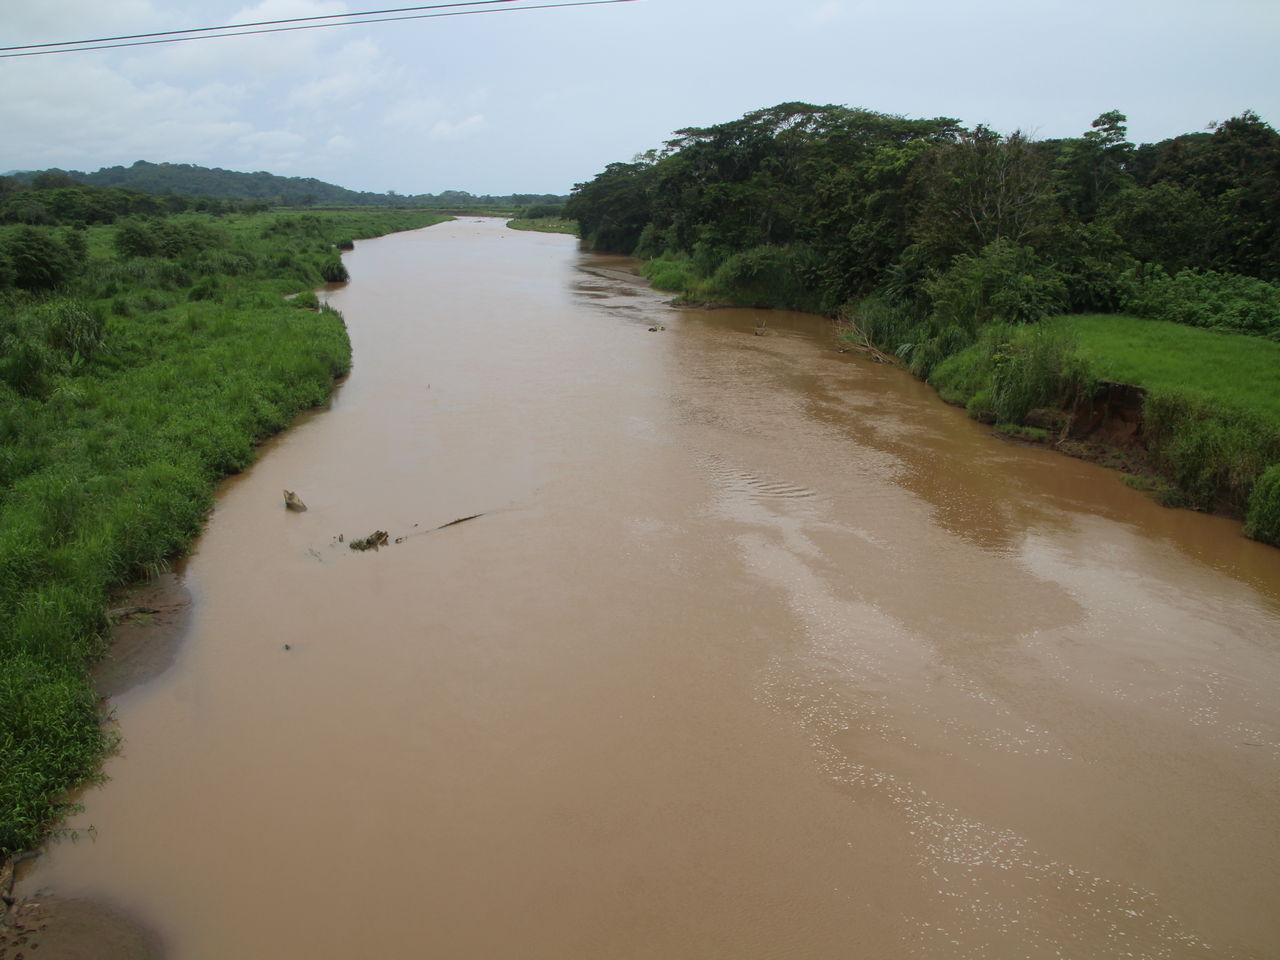 El río Tárcoles es uno de los ríos de Costa Rica más contaminados.